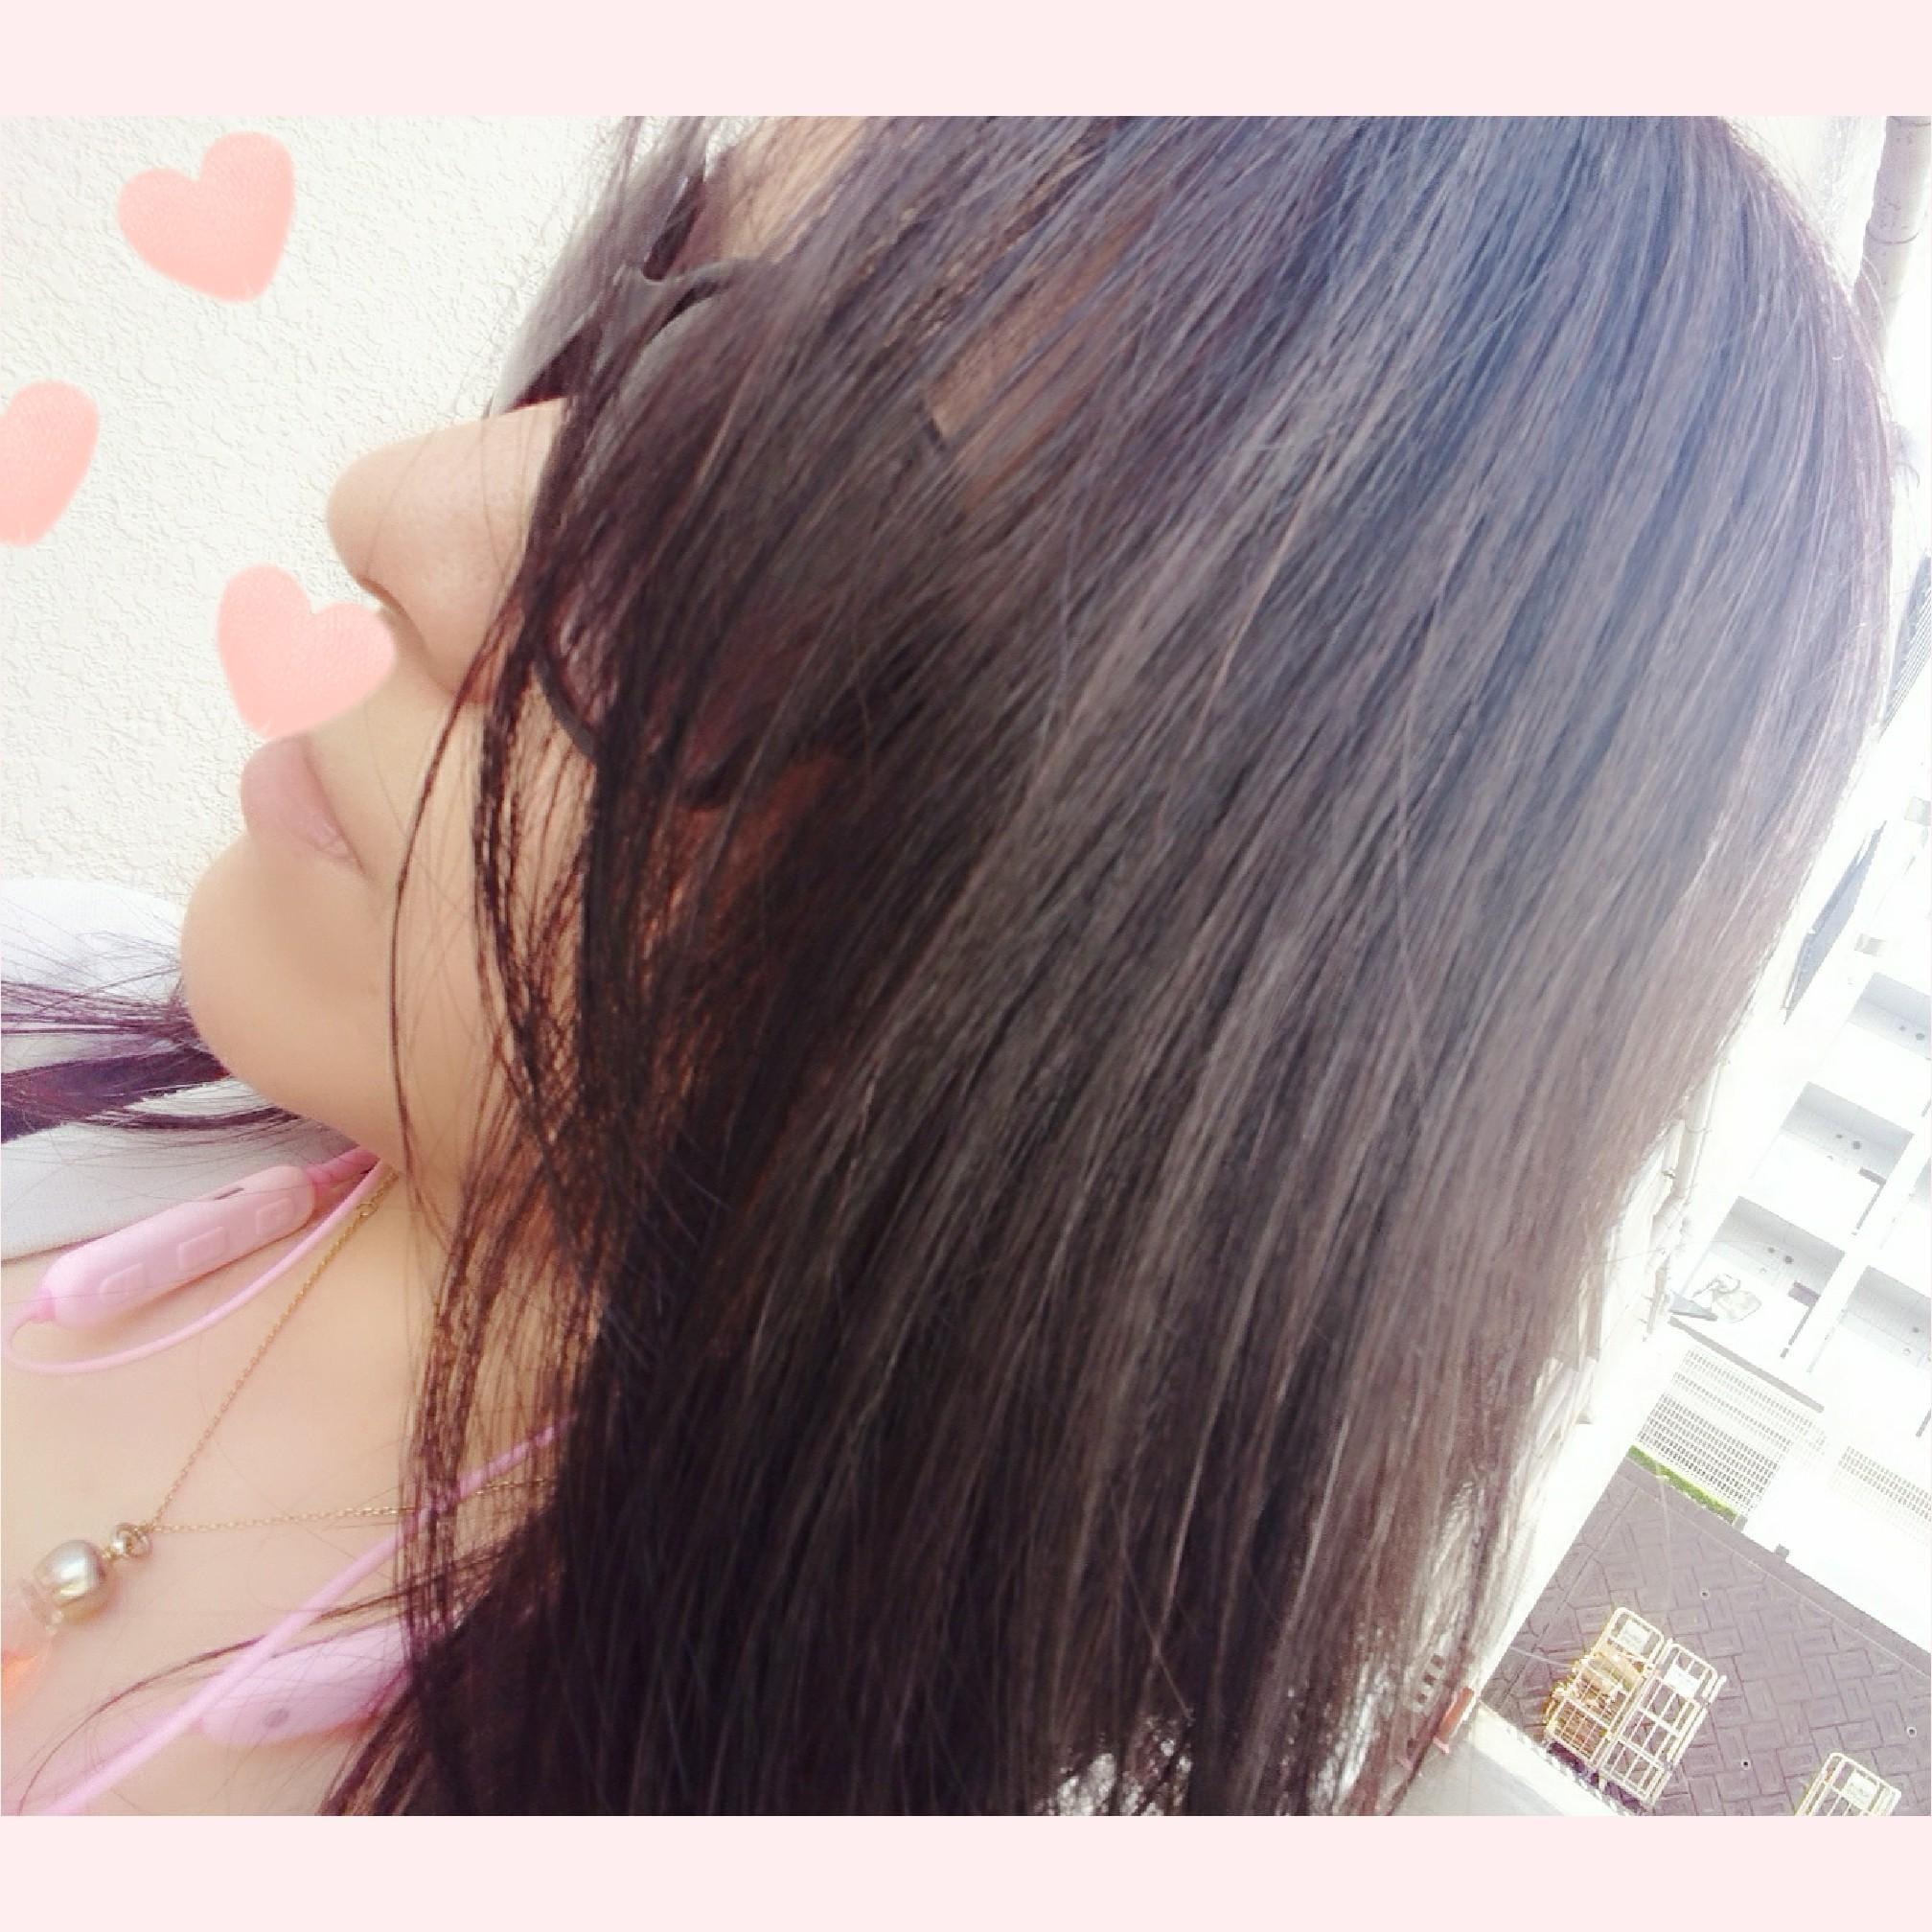 「morning」09/03(火) 10:41 | るなの写メ・風俗動画